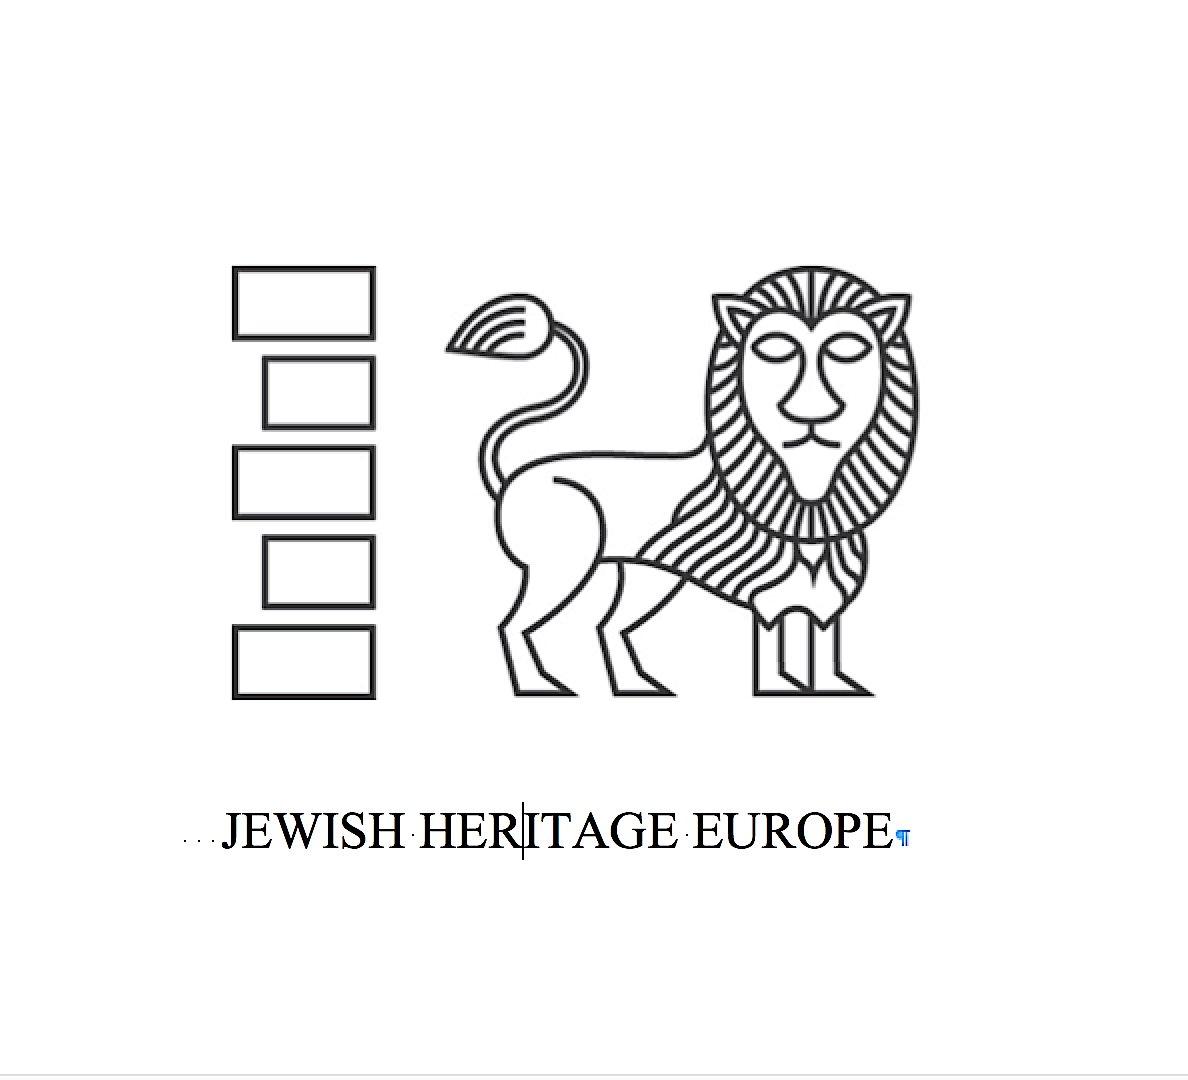 JewishHeritageEurope on Twitter: